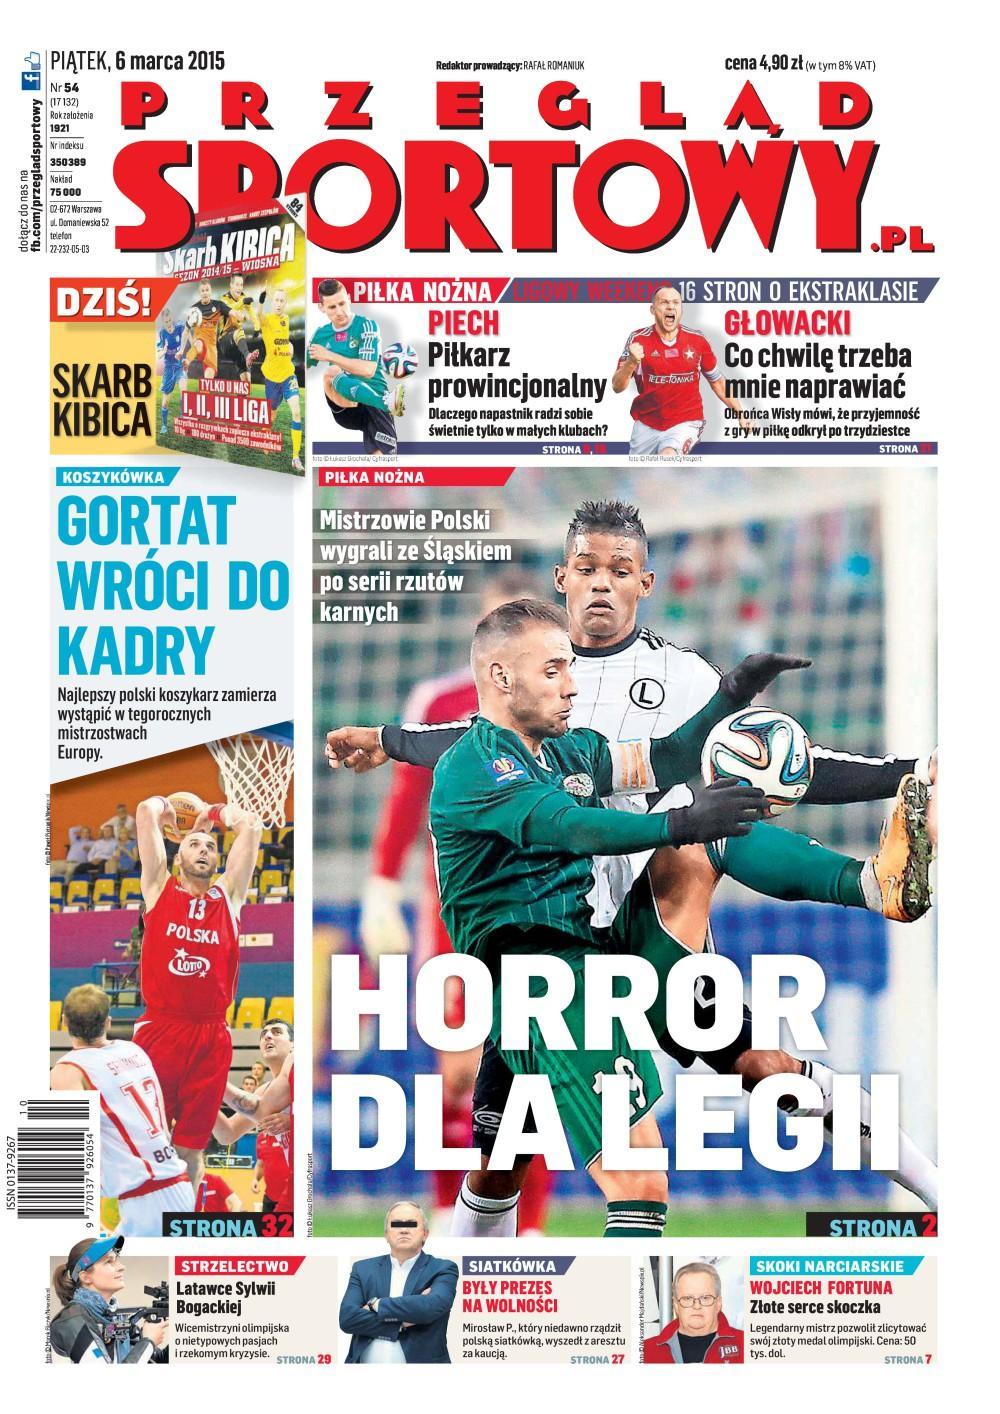 Okładka Przegląd Sportowy po meczu Legia Warszawa - Śląsk Wrocław 1:1, k. 3-1 (05.03.2015).